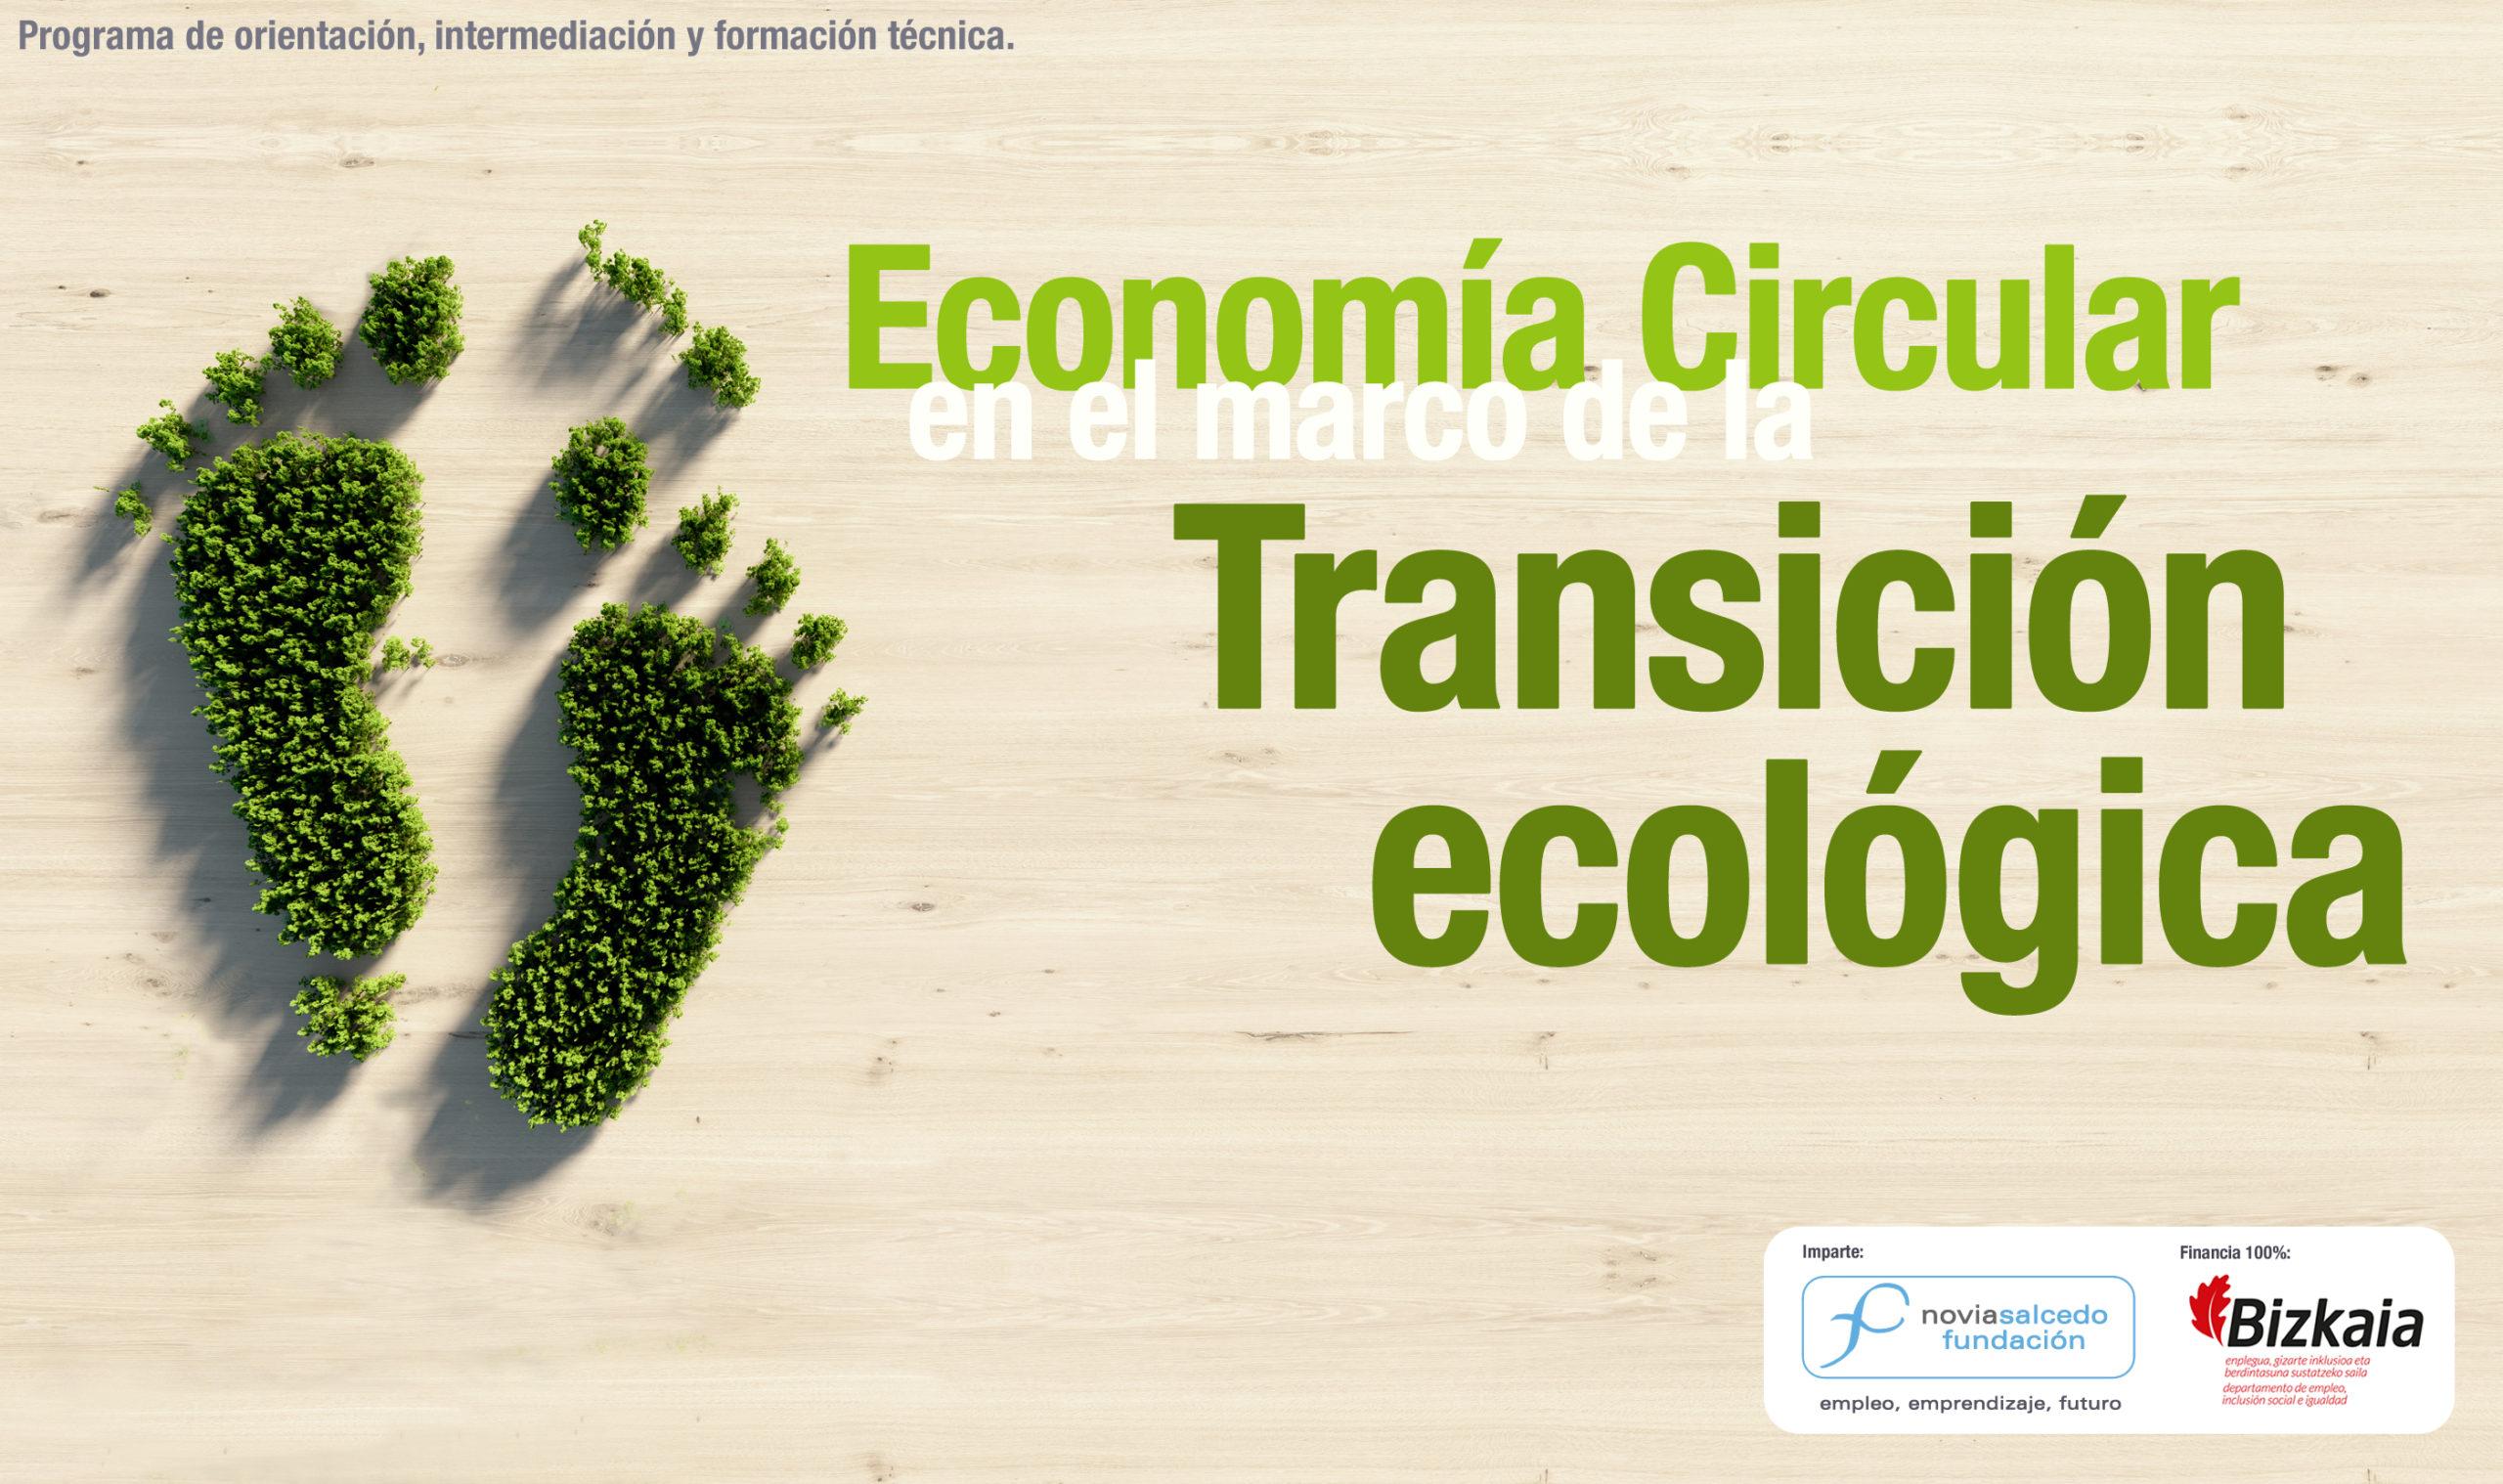 economía circular en el marco de la transición ecológica